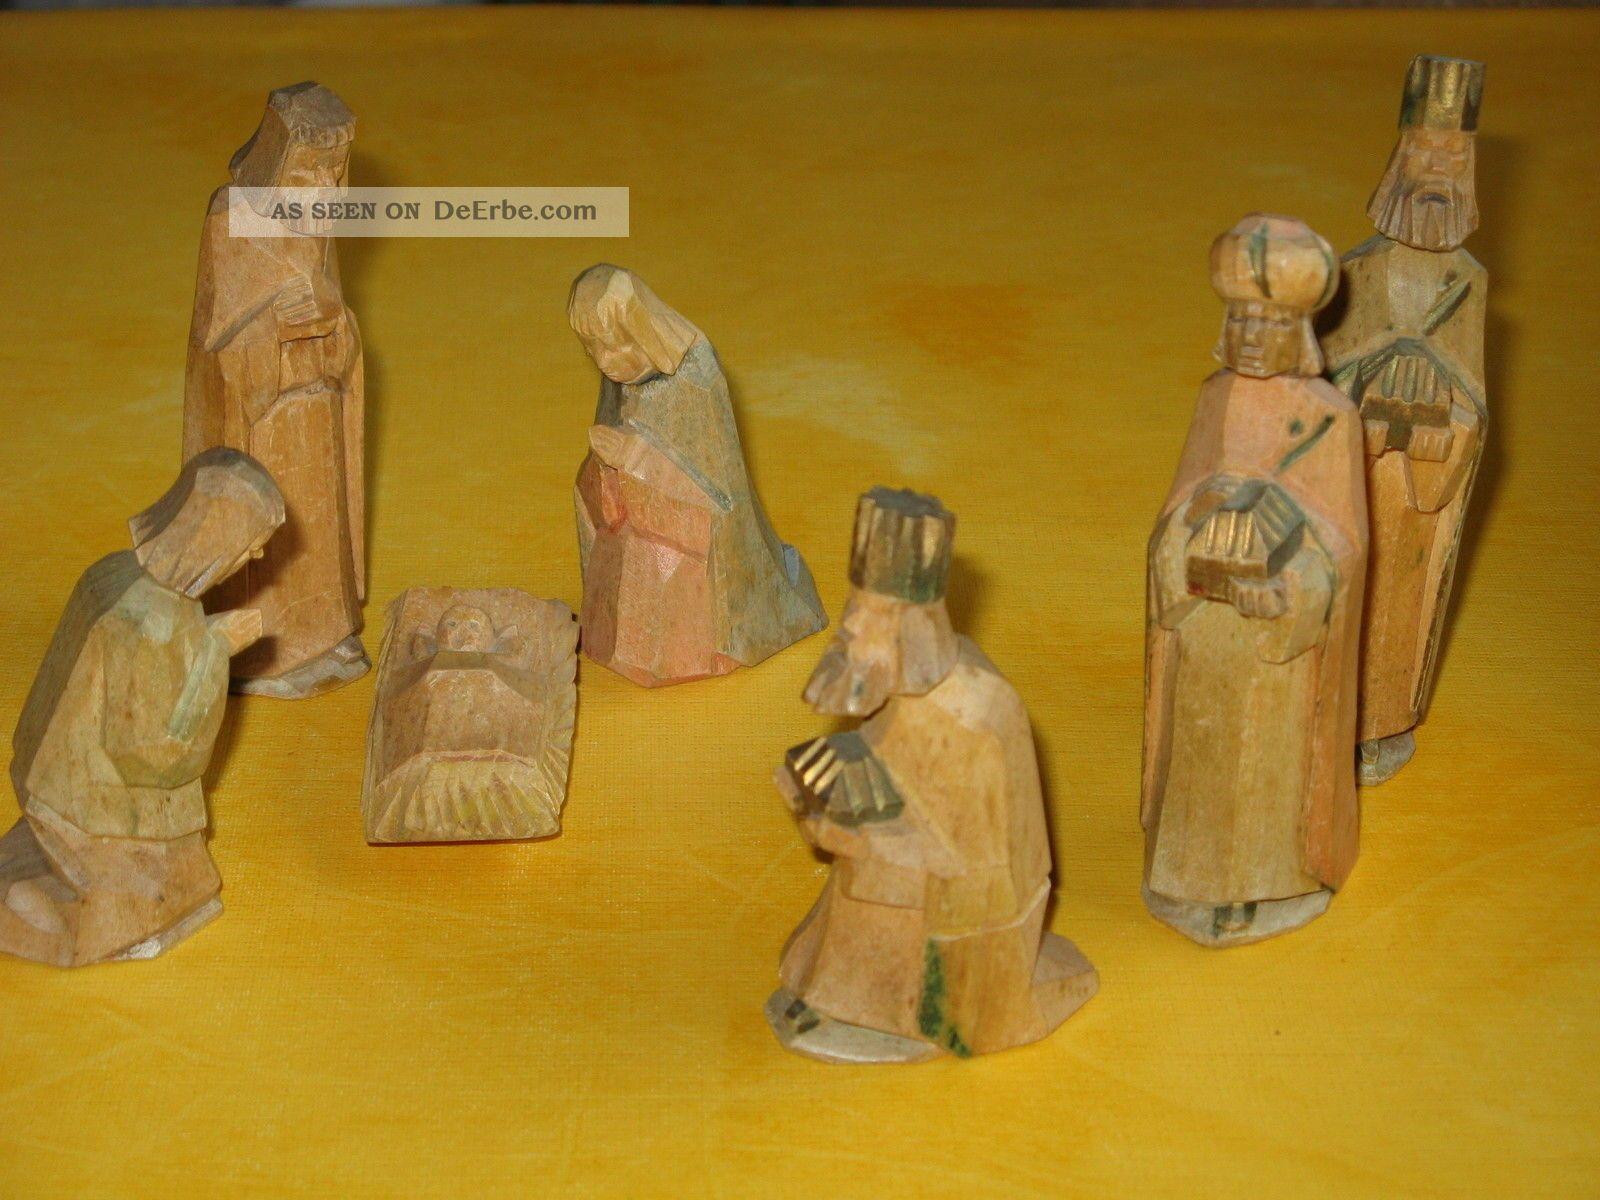 Krippenfiguren Handgeschnitzt uralte krippe krippenfiguren handgeschnitzt und naturfarben lasiert